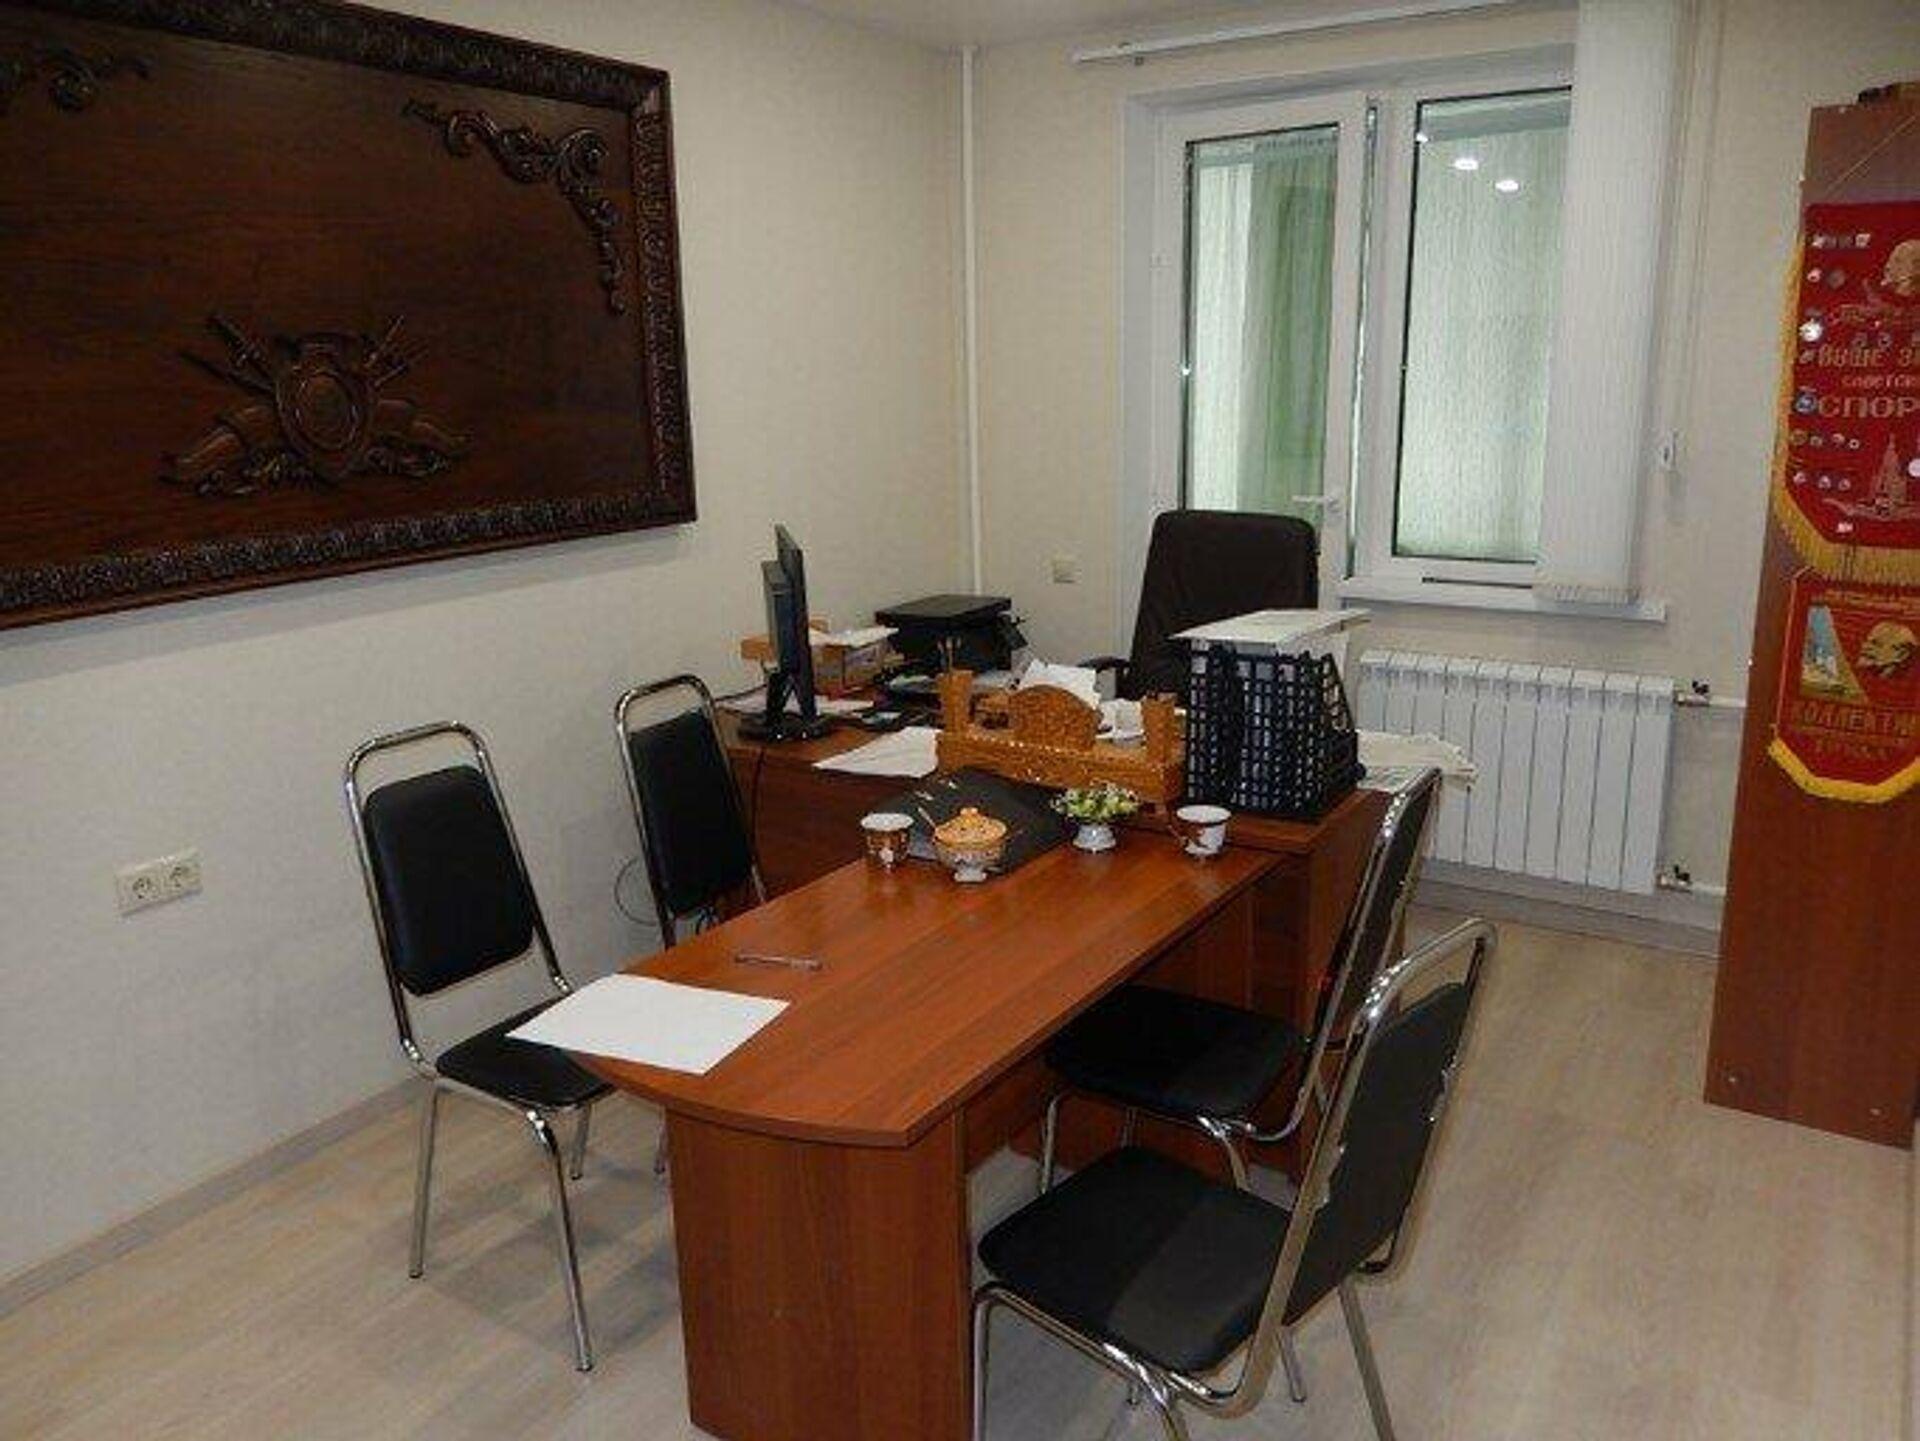 Незаконный офис в квартире, выявленный в московском районе Южное Орехово-Борисово - РИА Новости, 1920, 30.04.2021